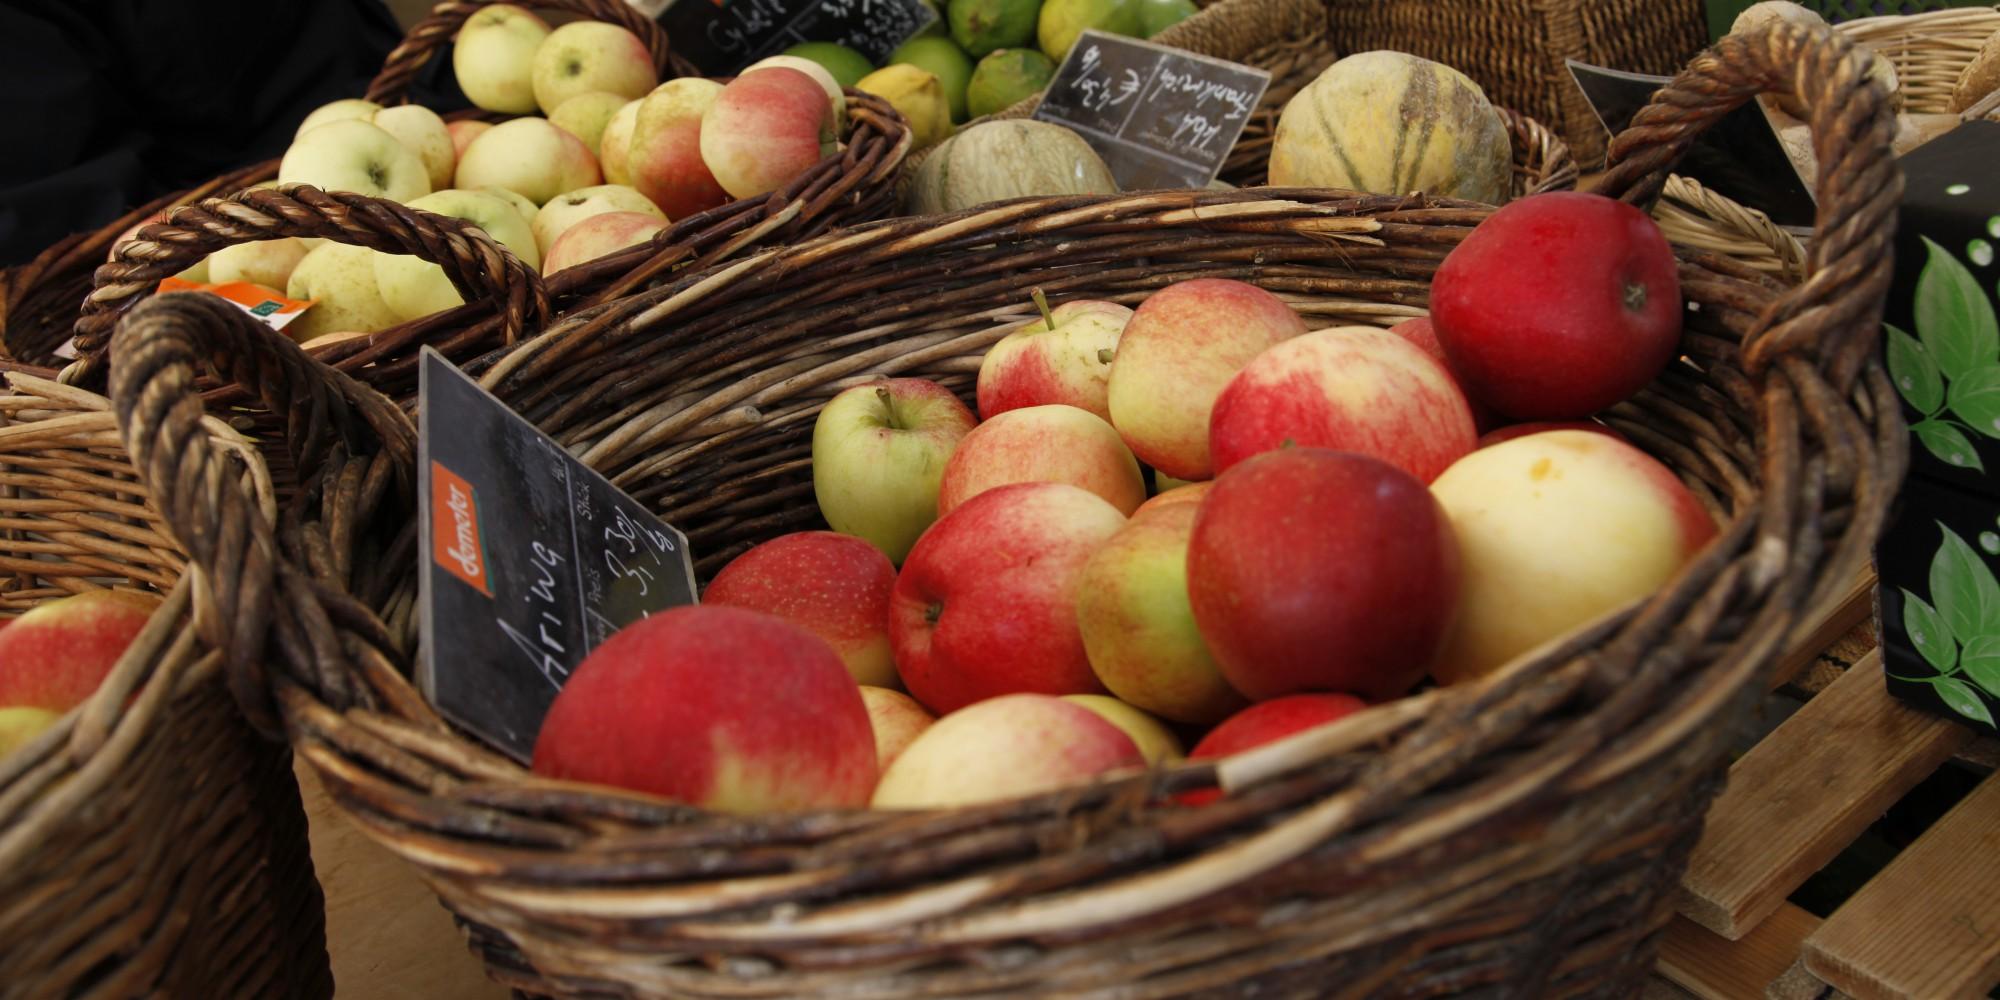 Korb mit Äpfeln auf dem Markt in Schopfheim